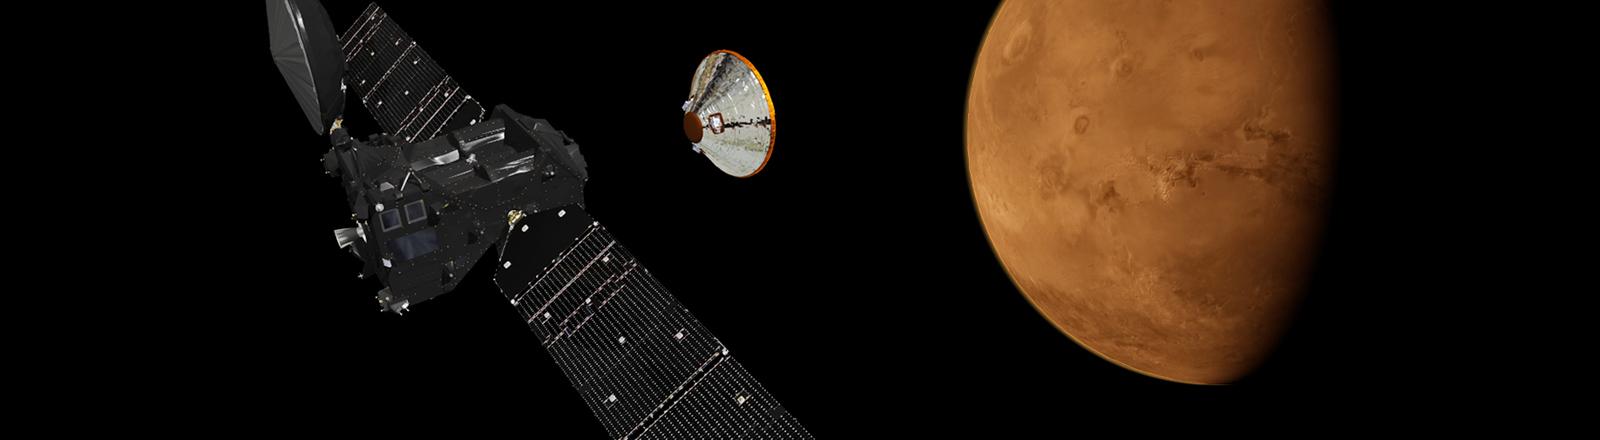 Künstlerische Darstellung der geplanten ExoMars2016-Mission.